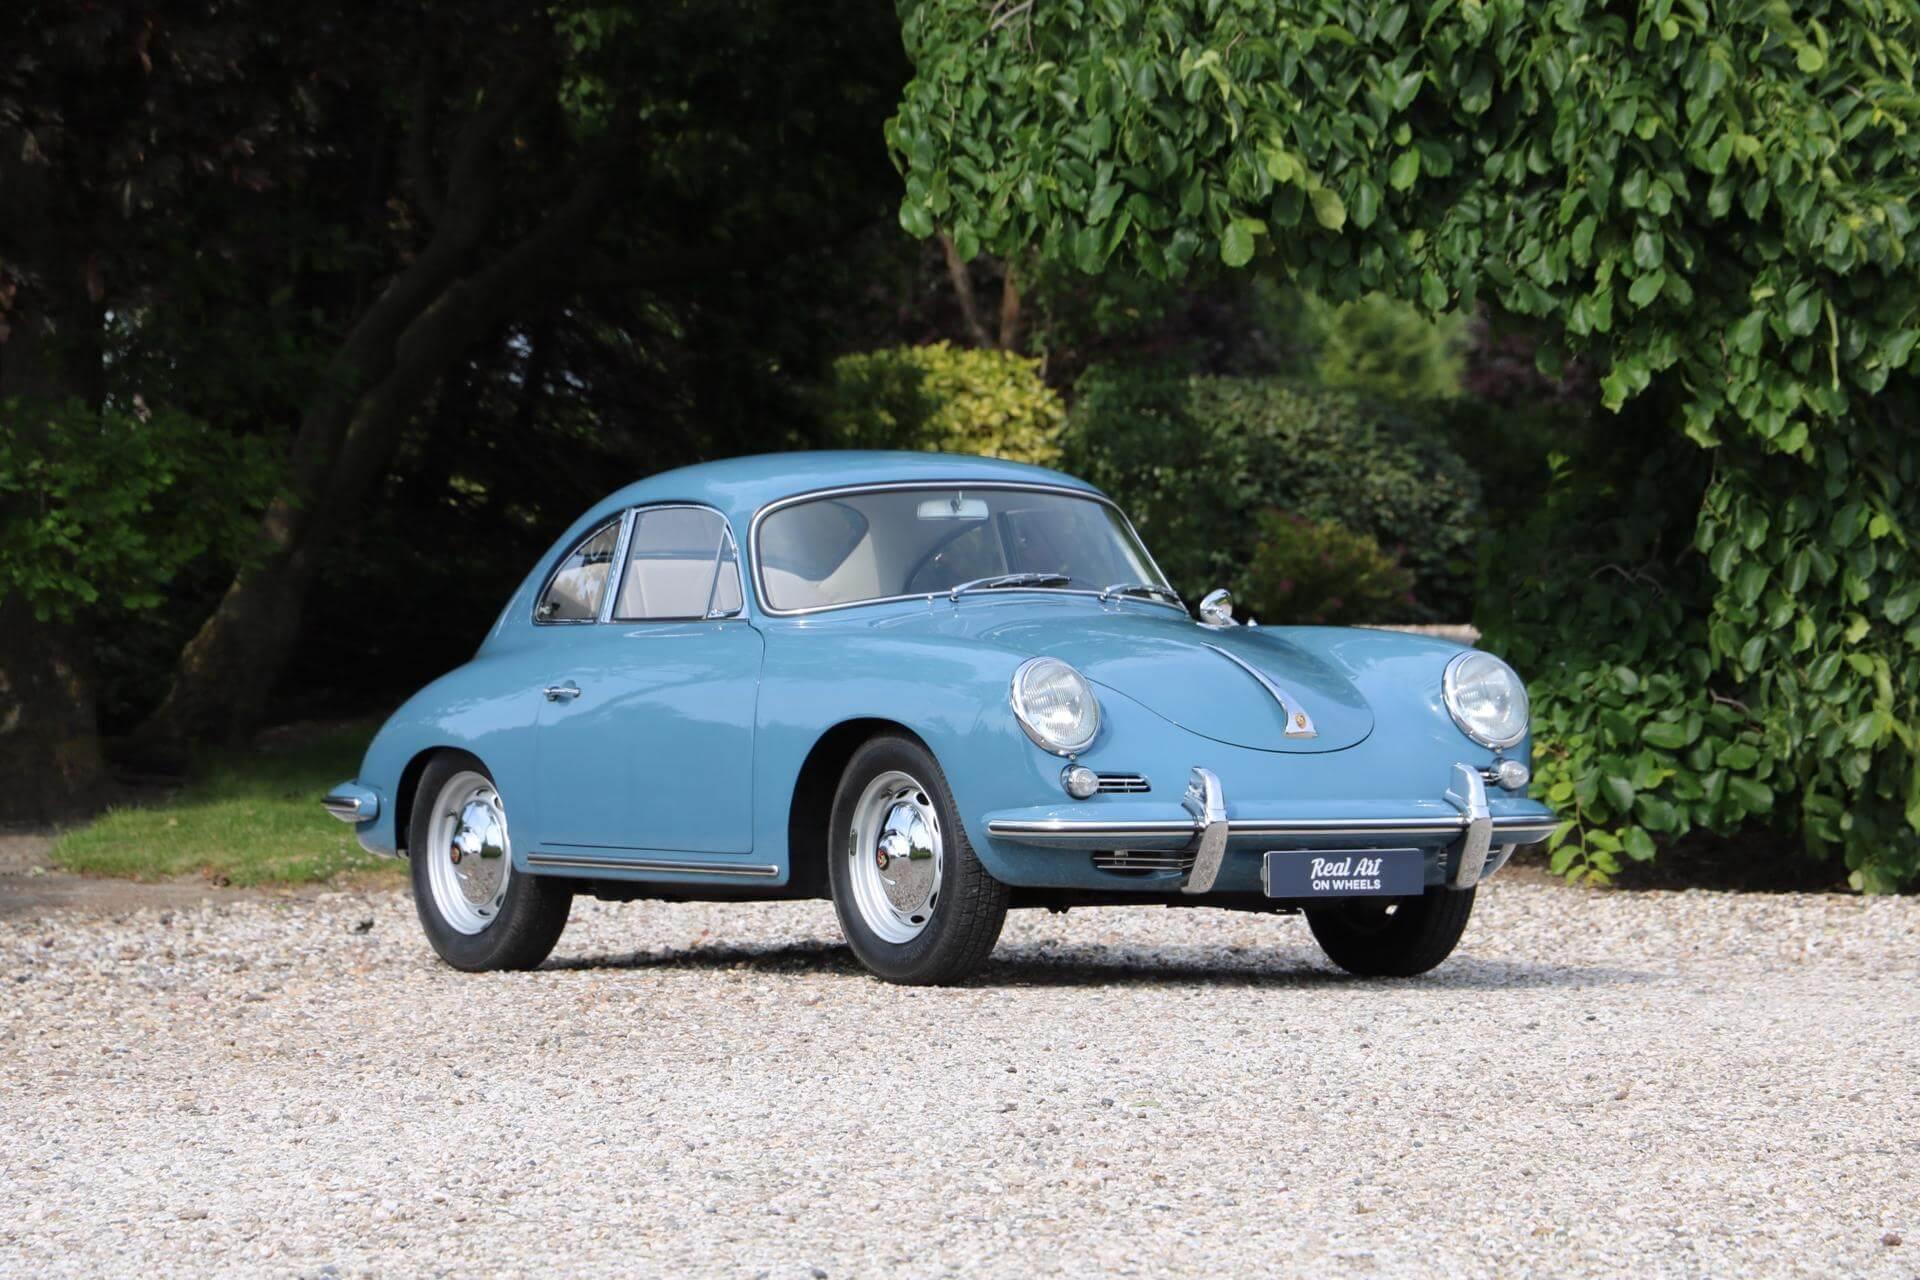 Real Art on Wheels | Porsche 356 B T5 Super 90